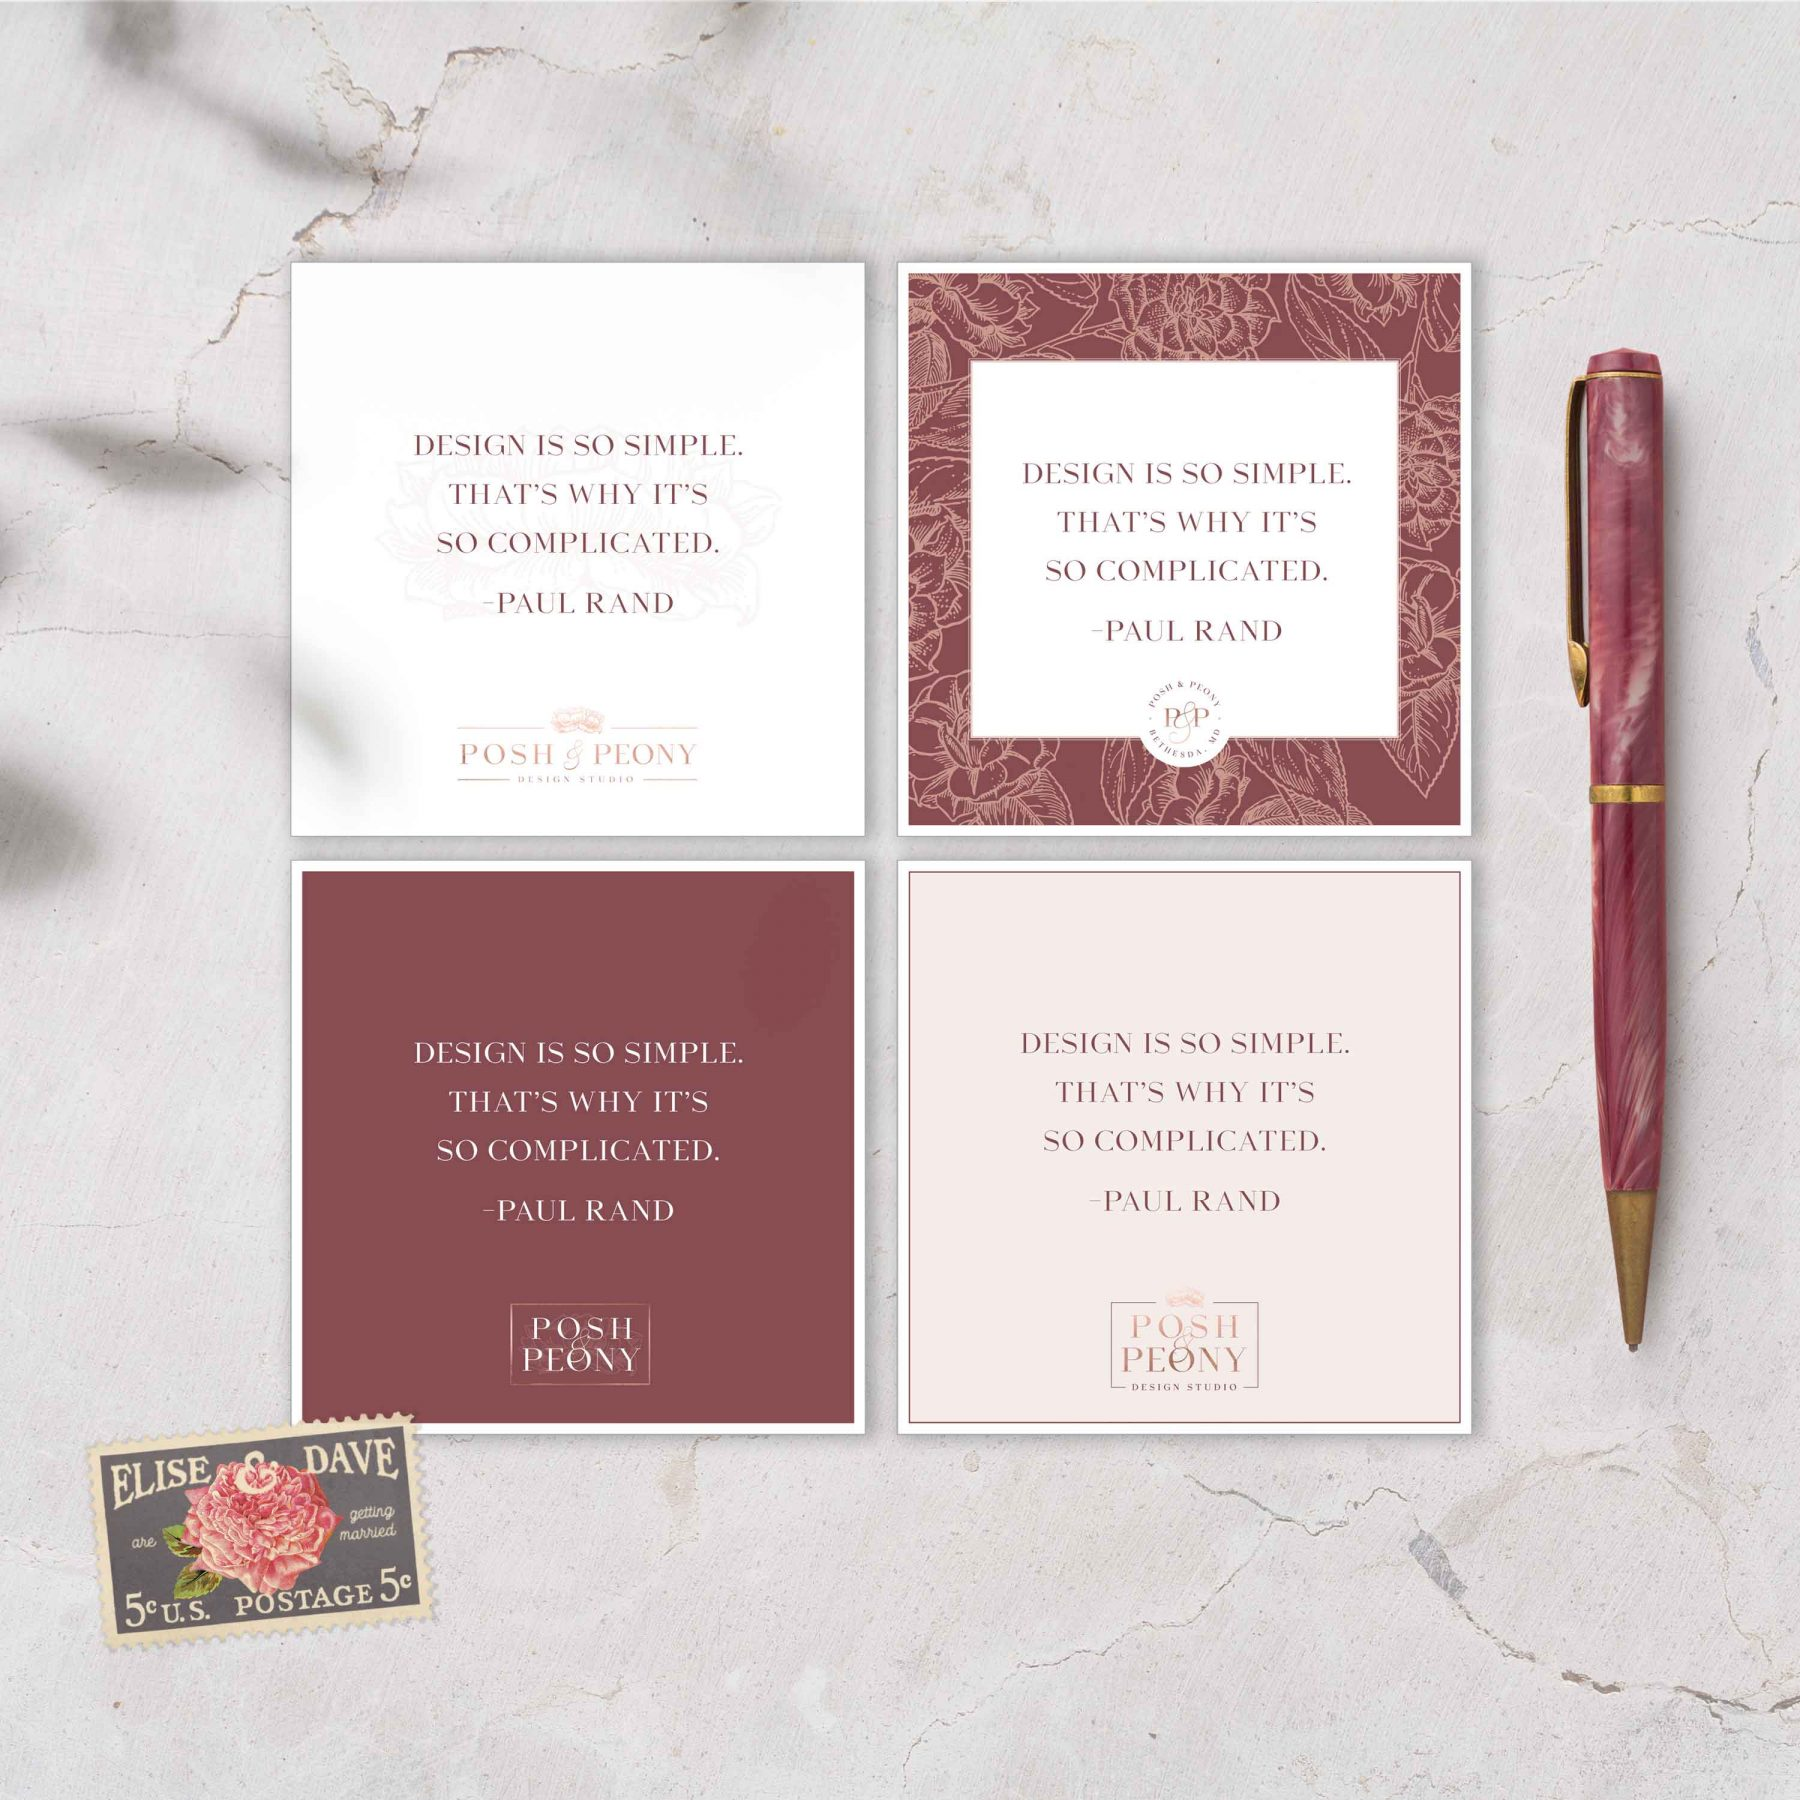 event; branding kit; small business logo; graphic design; logo design; branding